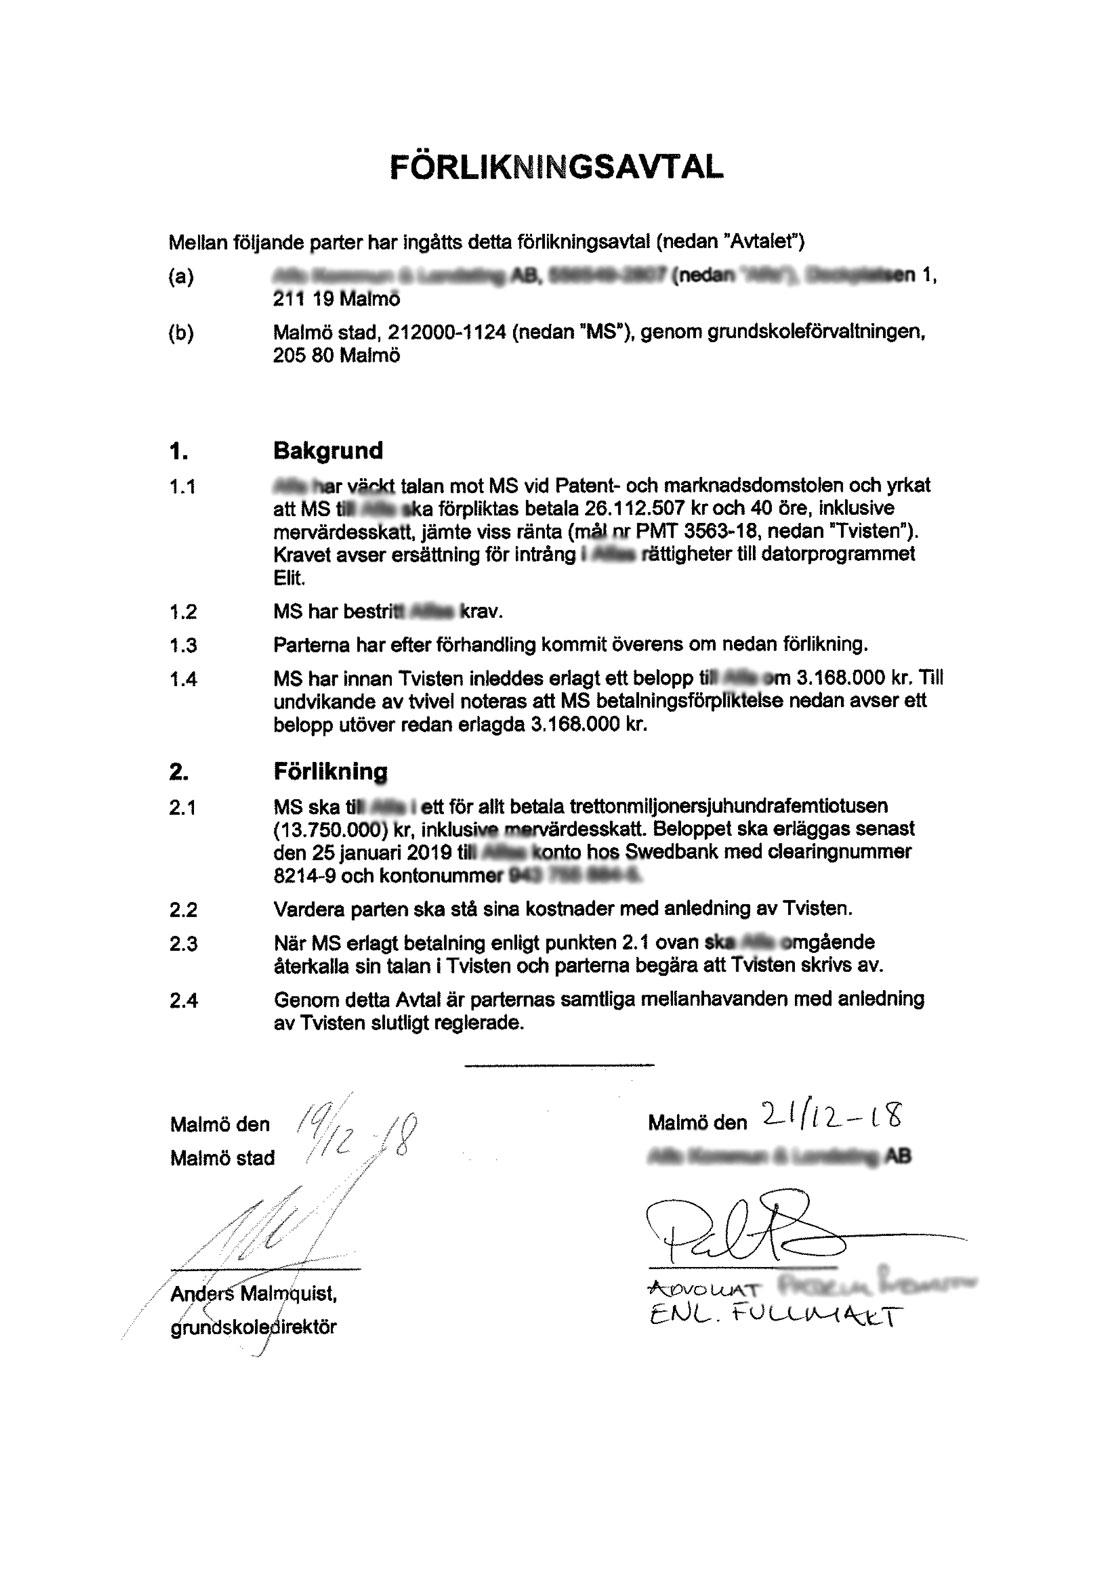 Förlikningsavtalet där Malmö stad fick betala skadestånd.